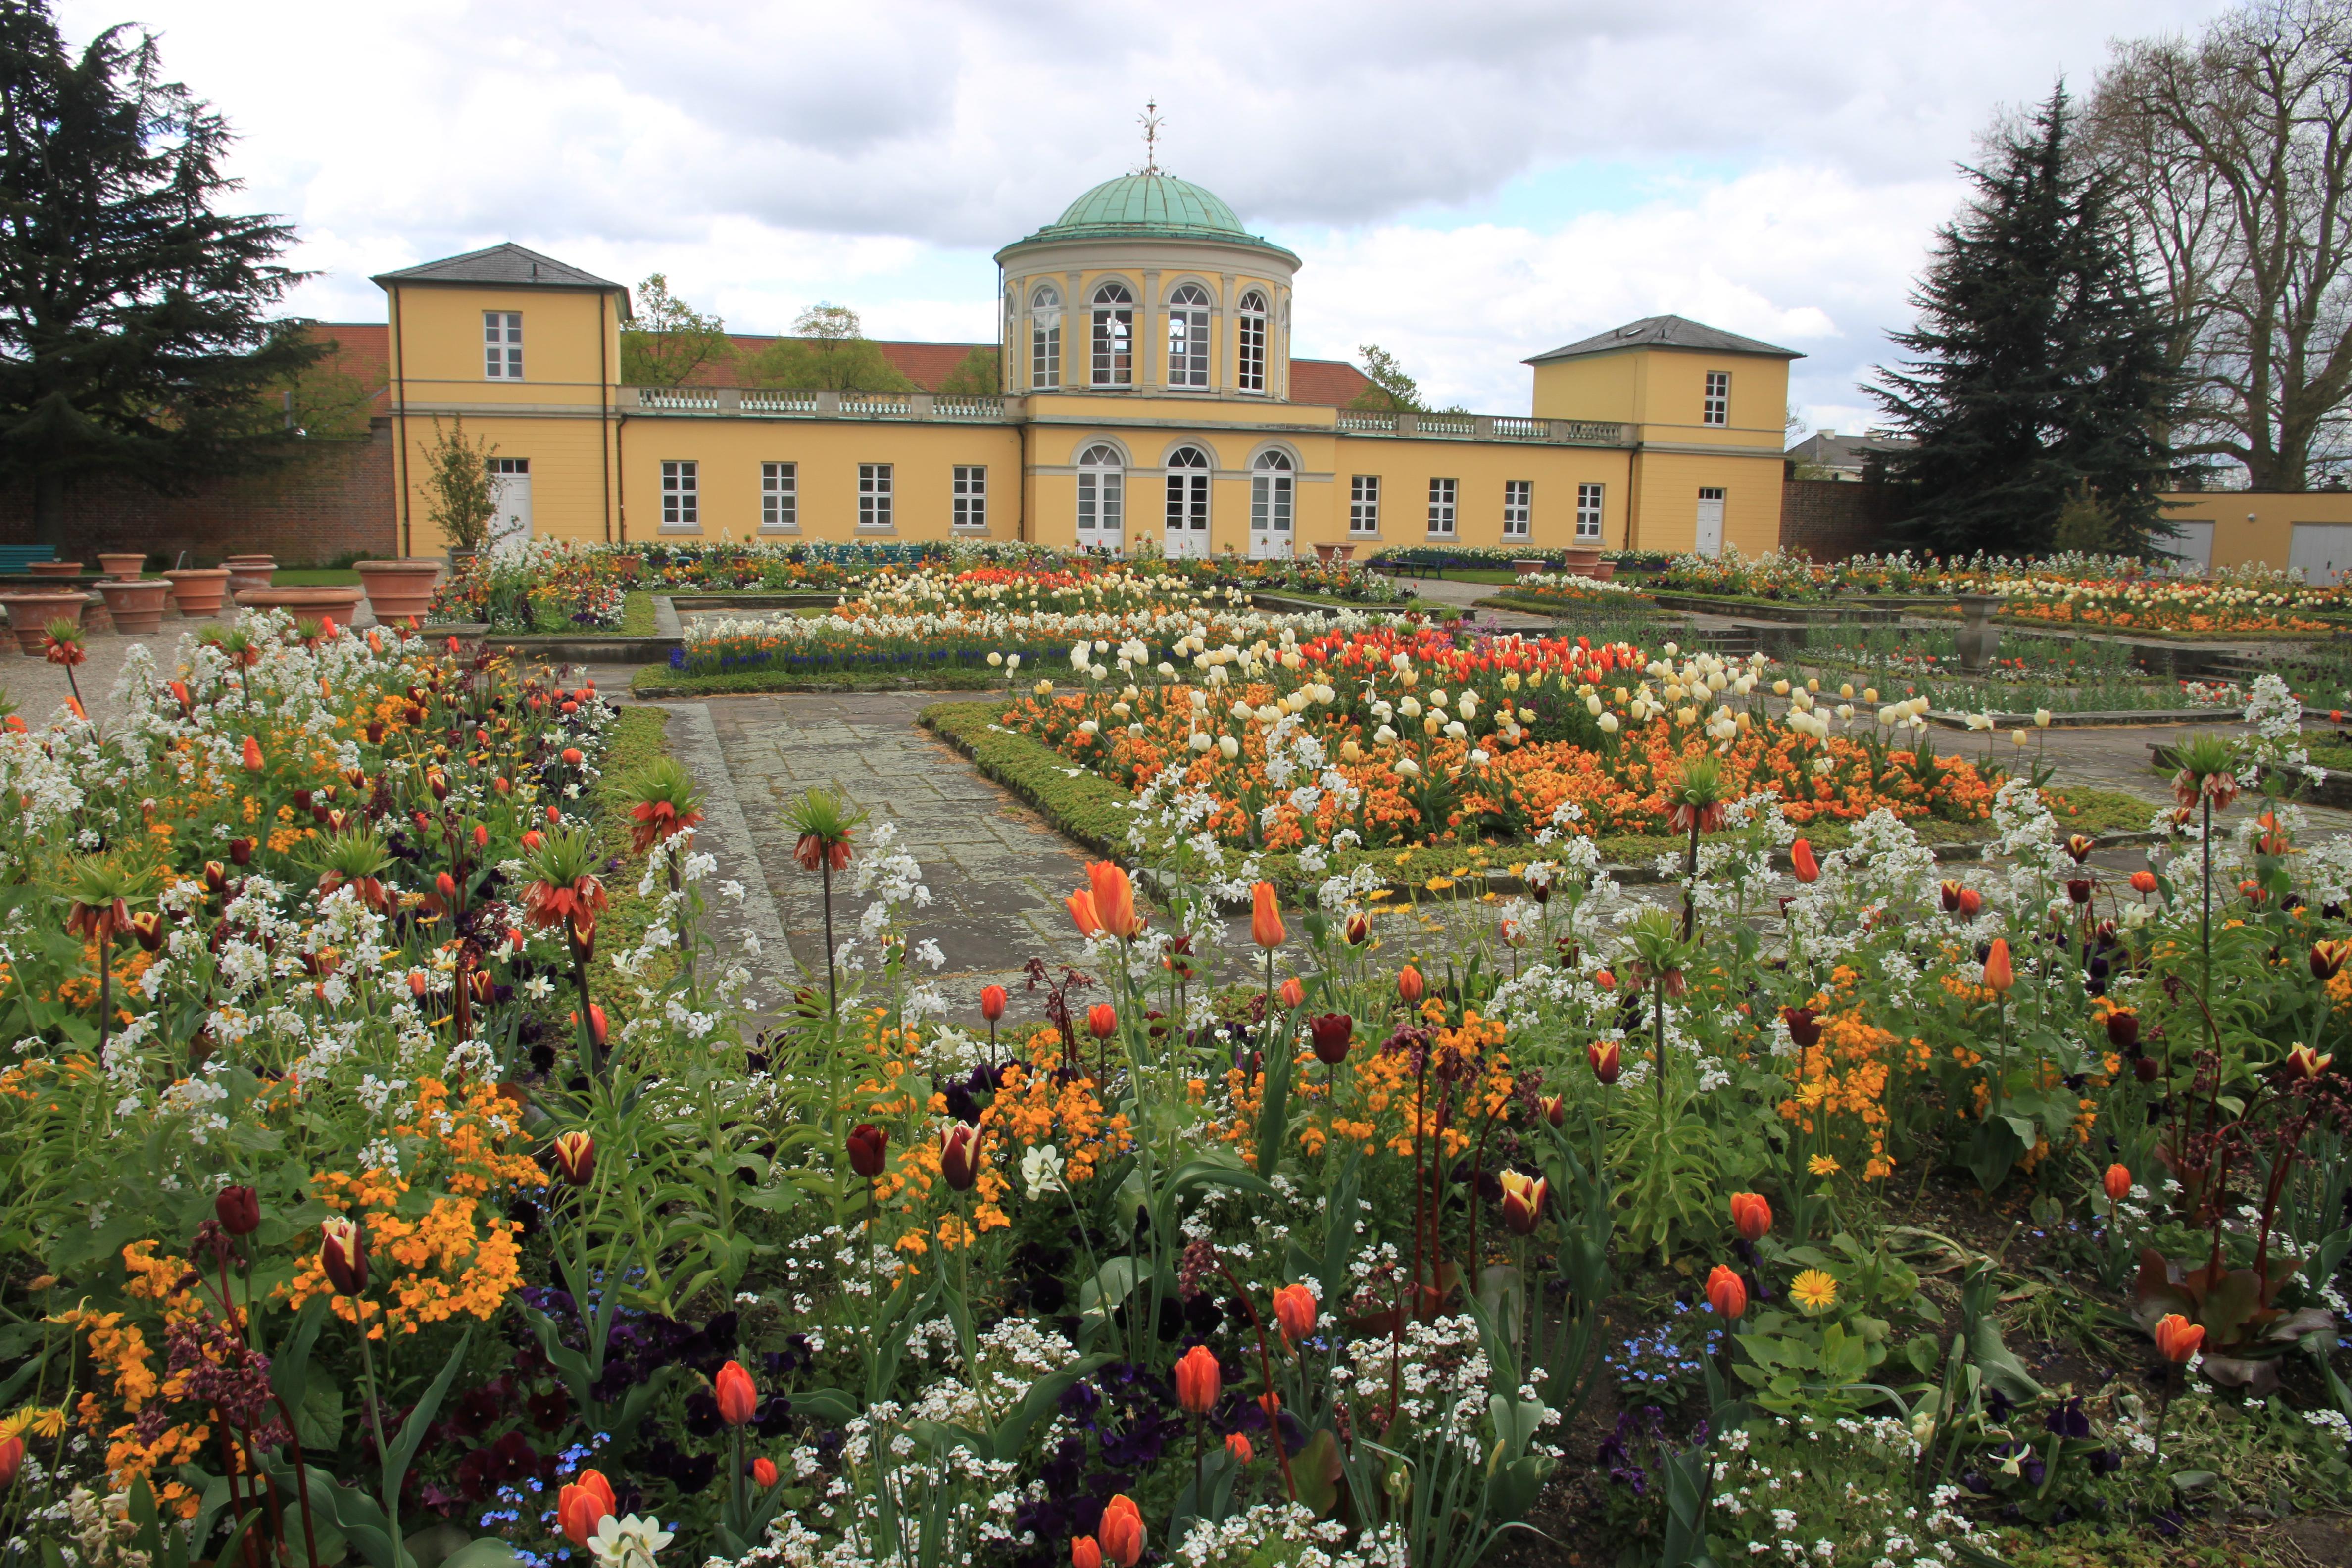 Abb. 8: Die Außenanlagen des Berggartens in Frühlingsblüte, (Foto: Heinz Peter Mohrdieck)